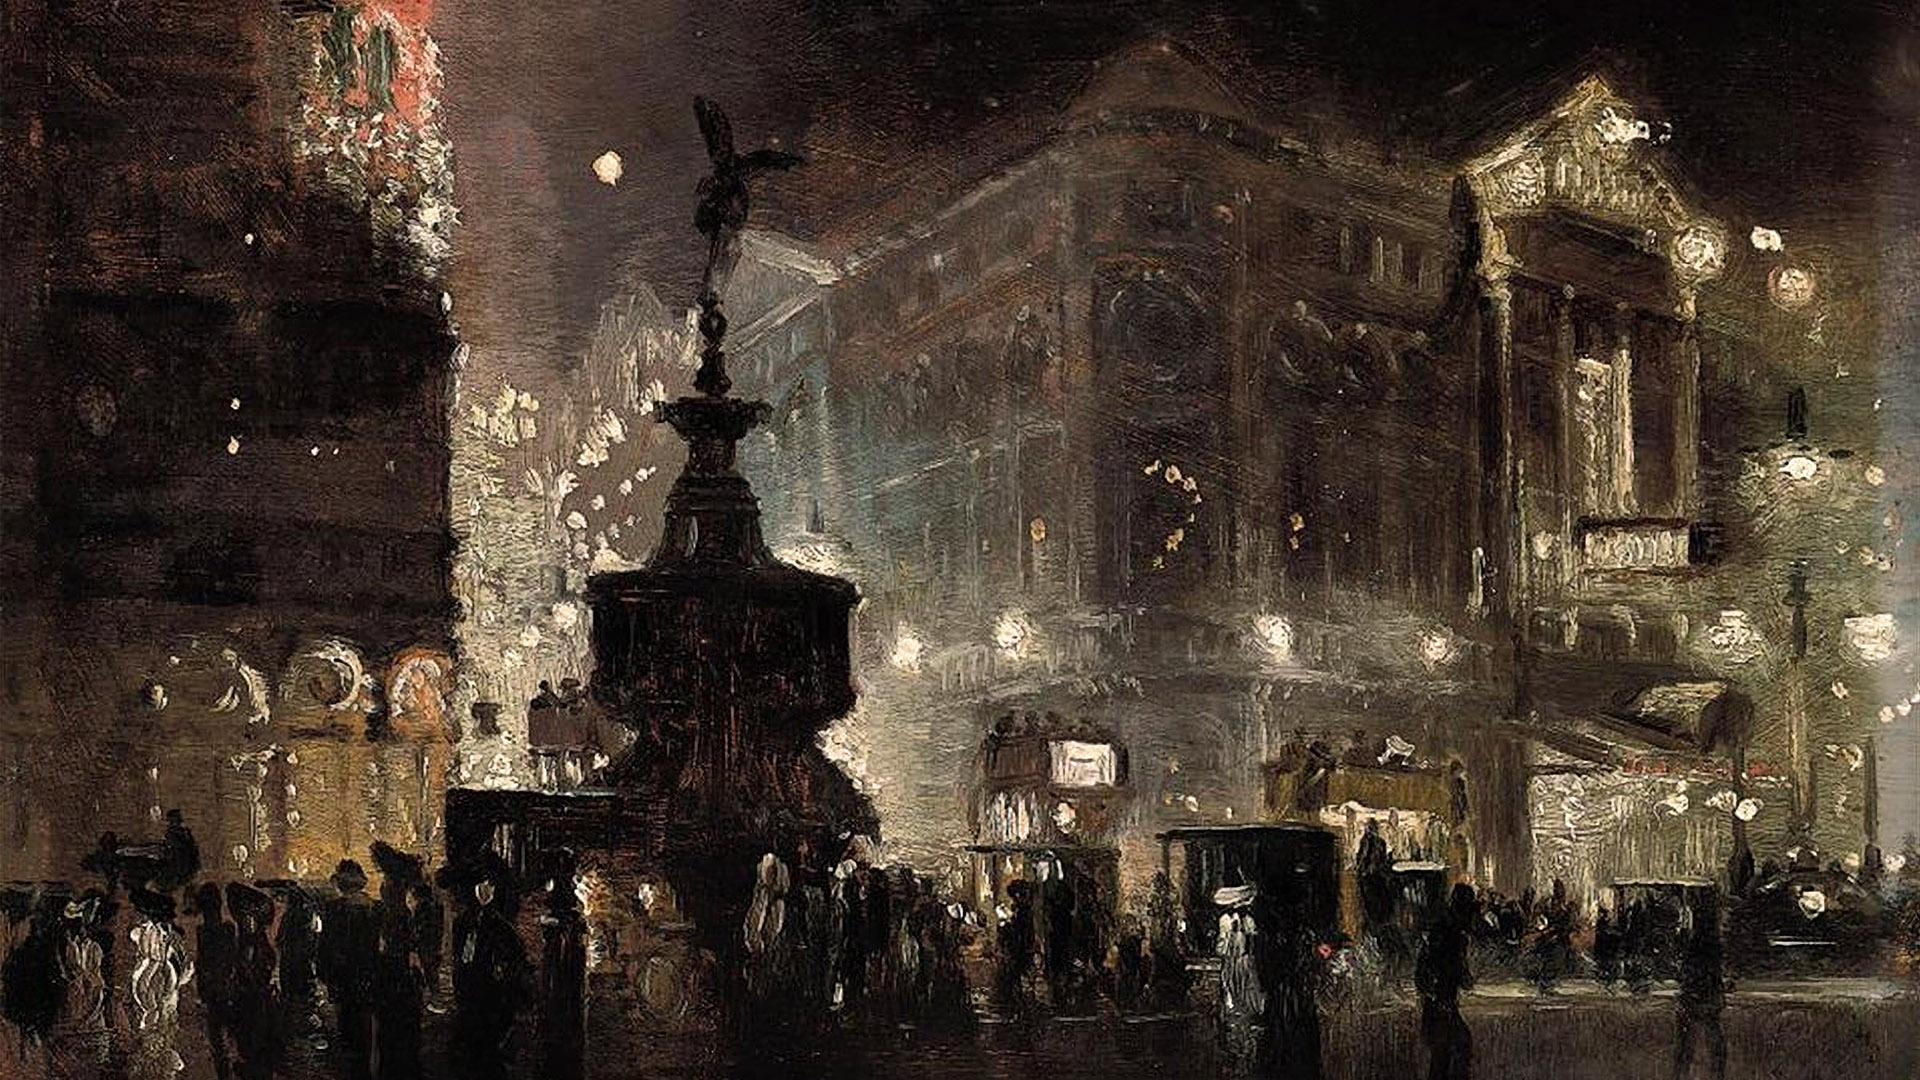 ジョージ・ハイド・ポウナル George Hyde Pownall - Piccadilly Circus 1920x1080